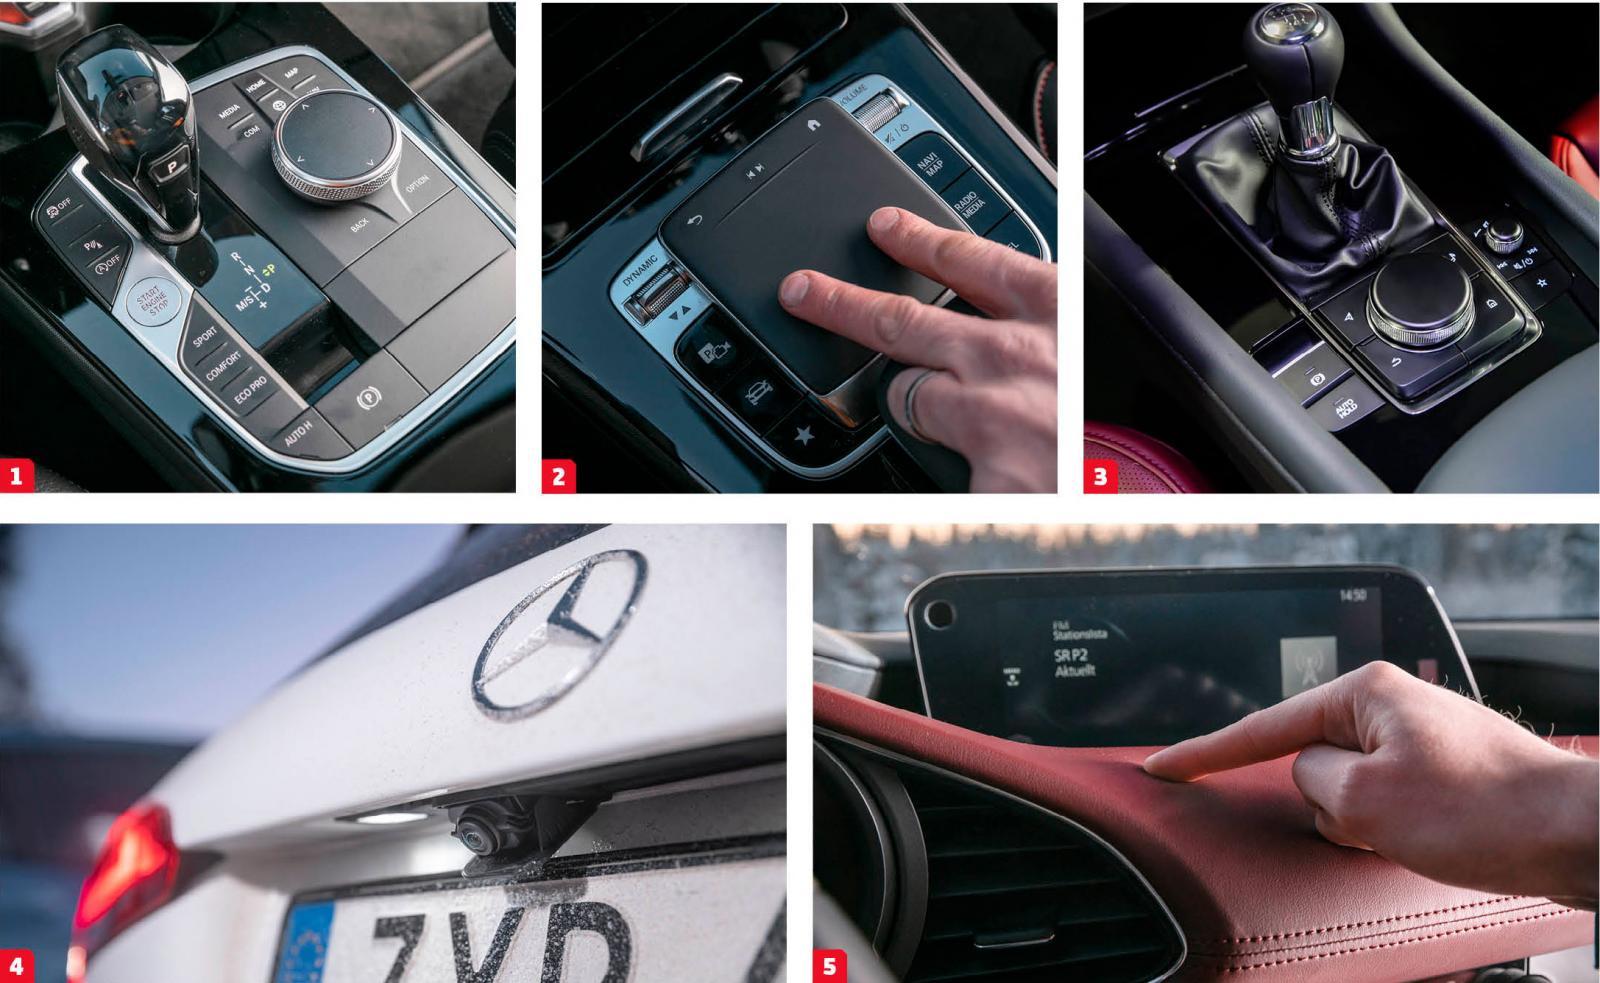 1. BMW har samlat många knappar runt växelspaken.  2. Smidig finger-zoom på navigationskartan i Mercedes.  3. Mazda har enklast handhavande av menyskärmen.  4. Tittut! Mercedes backkamera hålls gömd till backen läggs i. Det gör att linsen skyddas mot stänk och alltid ger en klar bild. Ovärderligt i vinterslasket.  5. Mazdas läderpanel har en mjuk stoppning och ger en rejäl portion lyxkänsla. Ingår i Cosmo-paket, fast oxblodsrött kostar 3000 kr extra.